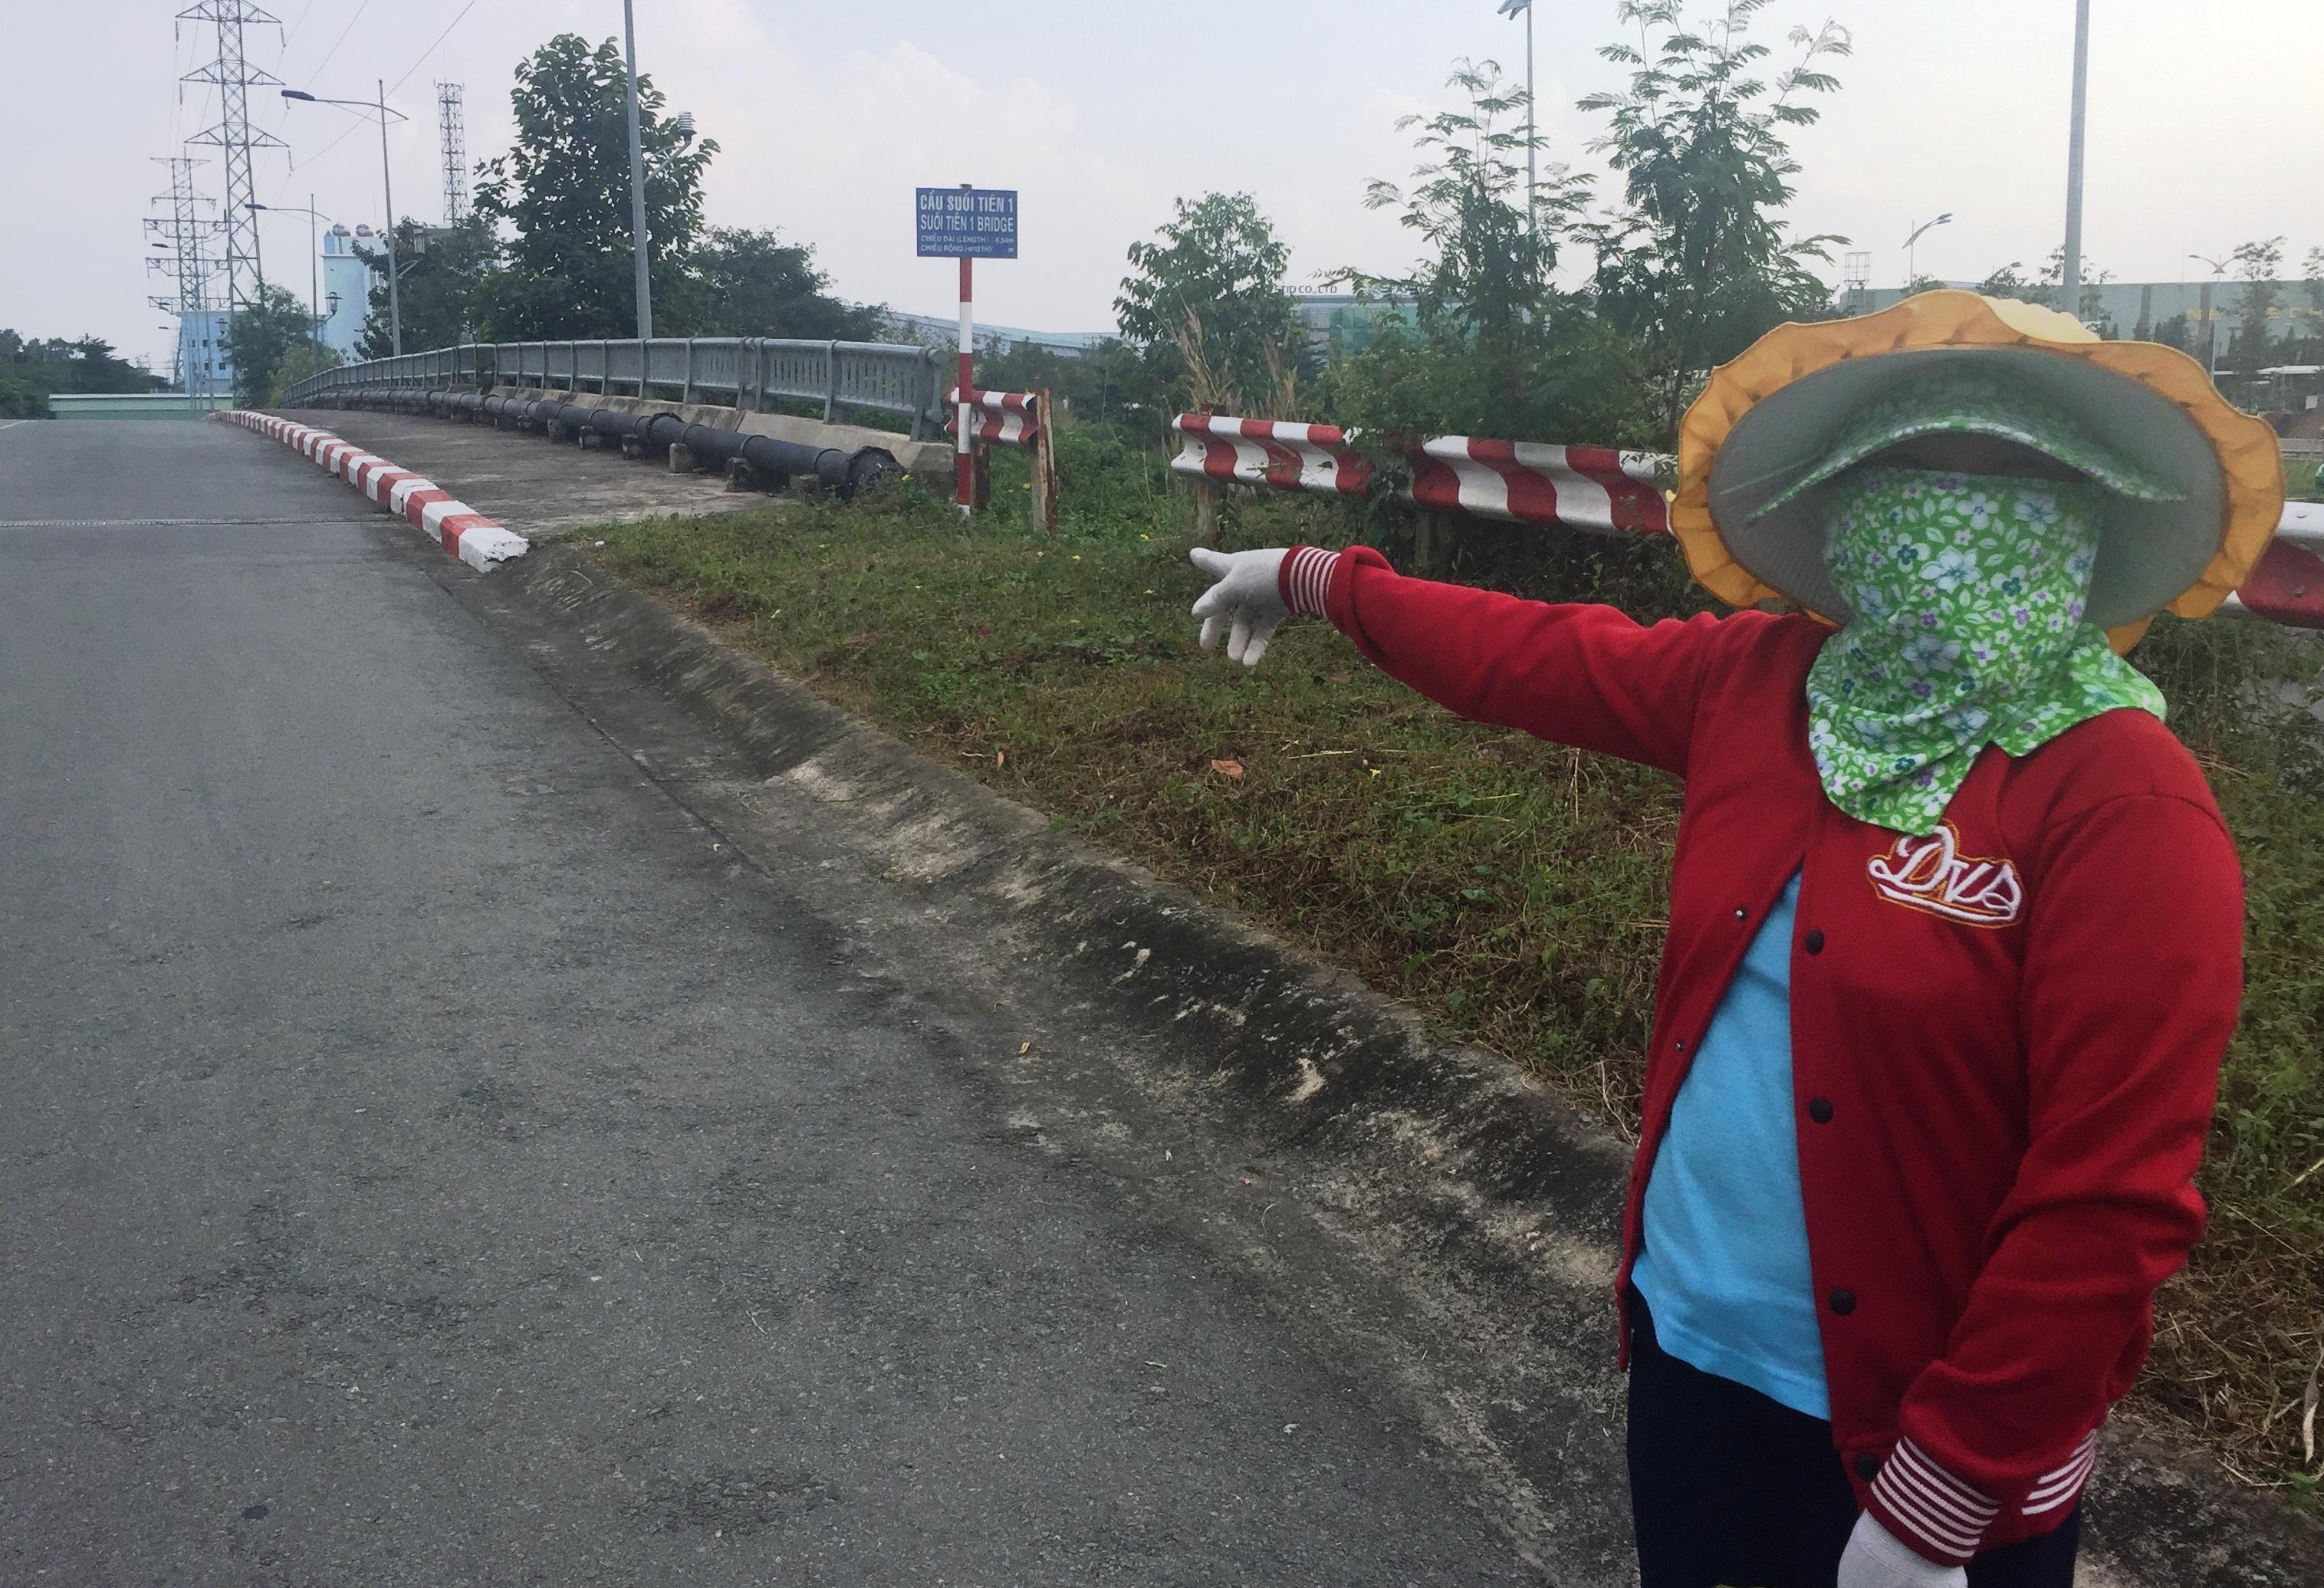 Một nữ công nhân kể lại vụ việc 2 người đồng nghiệp của mình bị yêu râu xanh dở trò đồi bại tại khu vực gần cầu Suối Tiên 1 trên đường vành đai trong Khu CNC